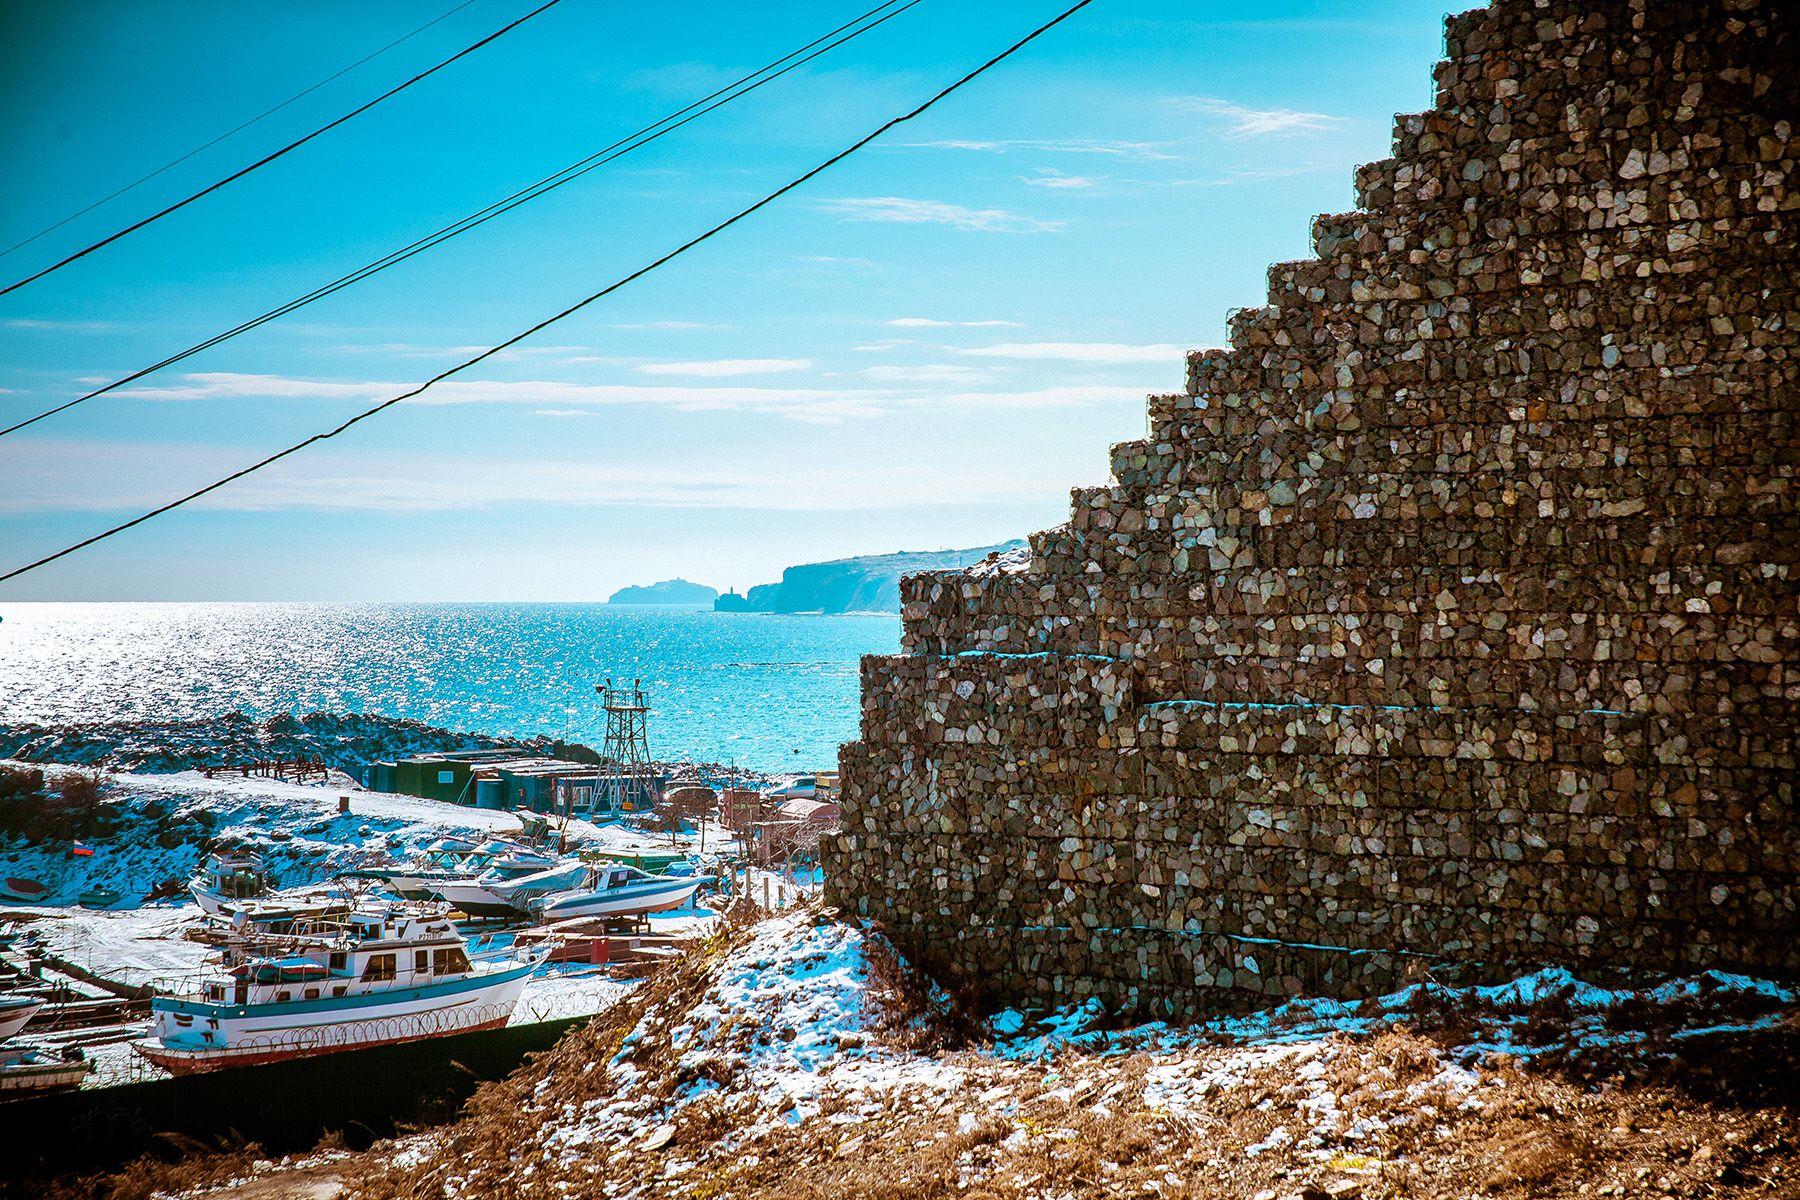 Владивосток через призму фотообъектива: студенты ВГУЭС исследуют районы города